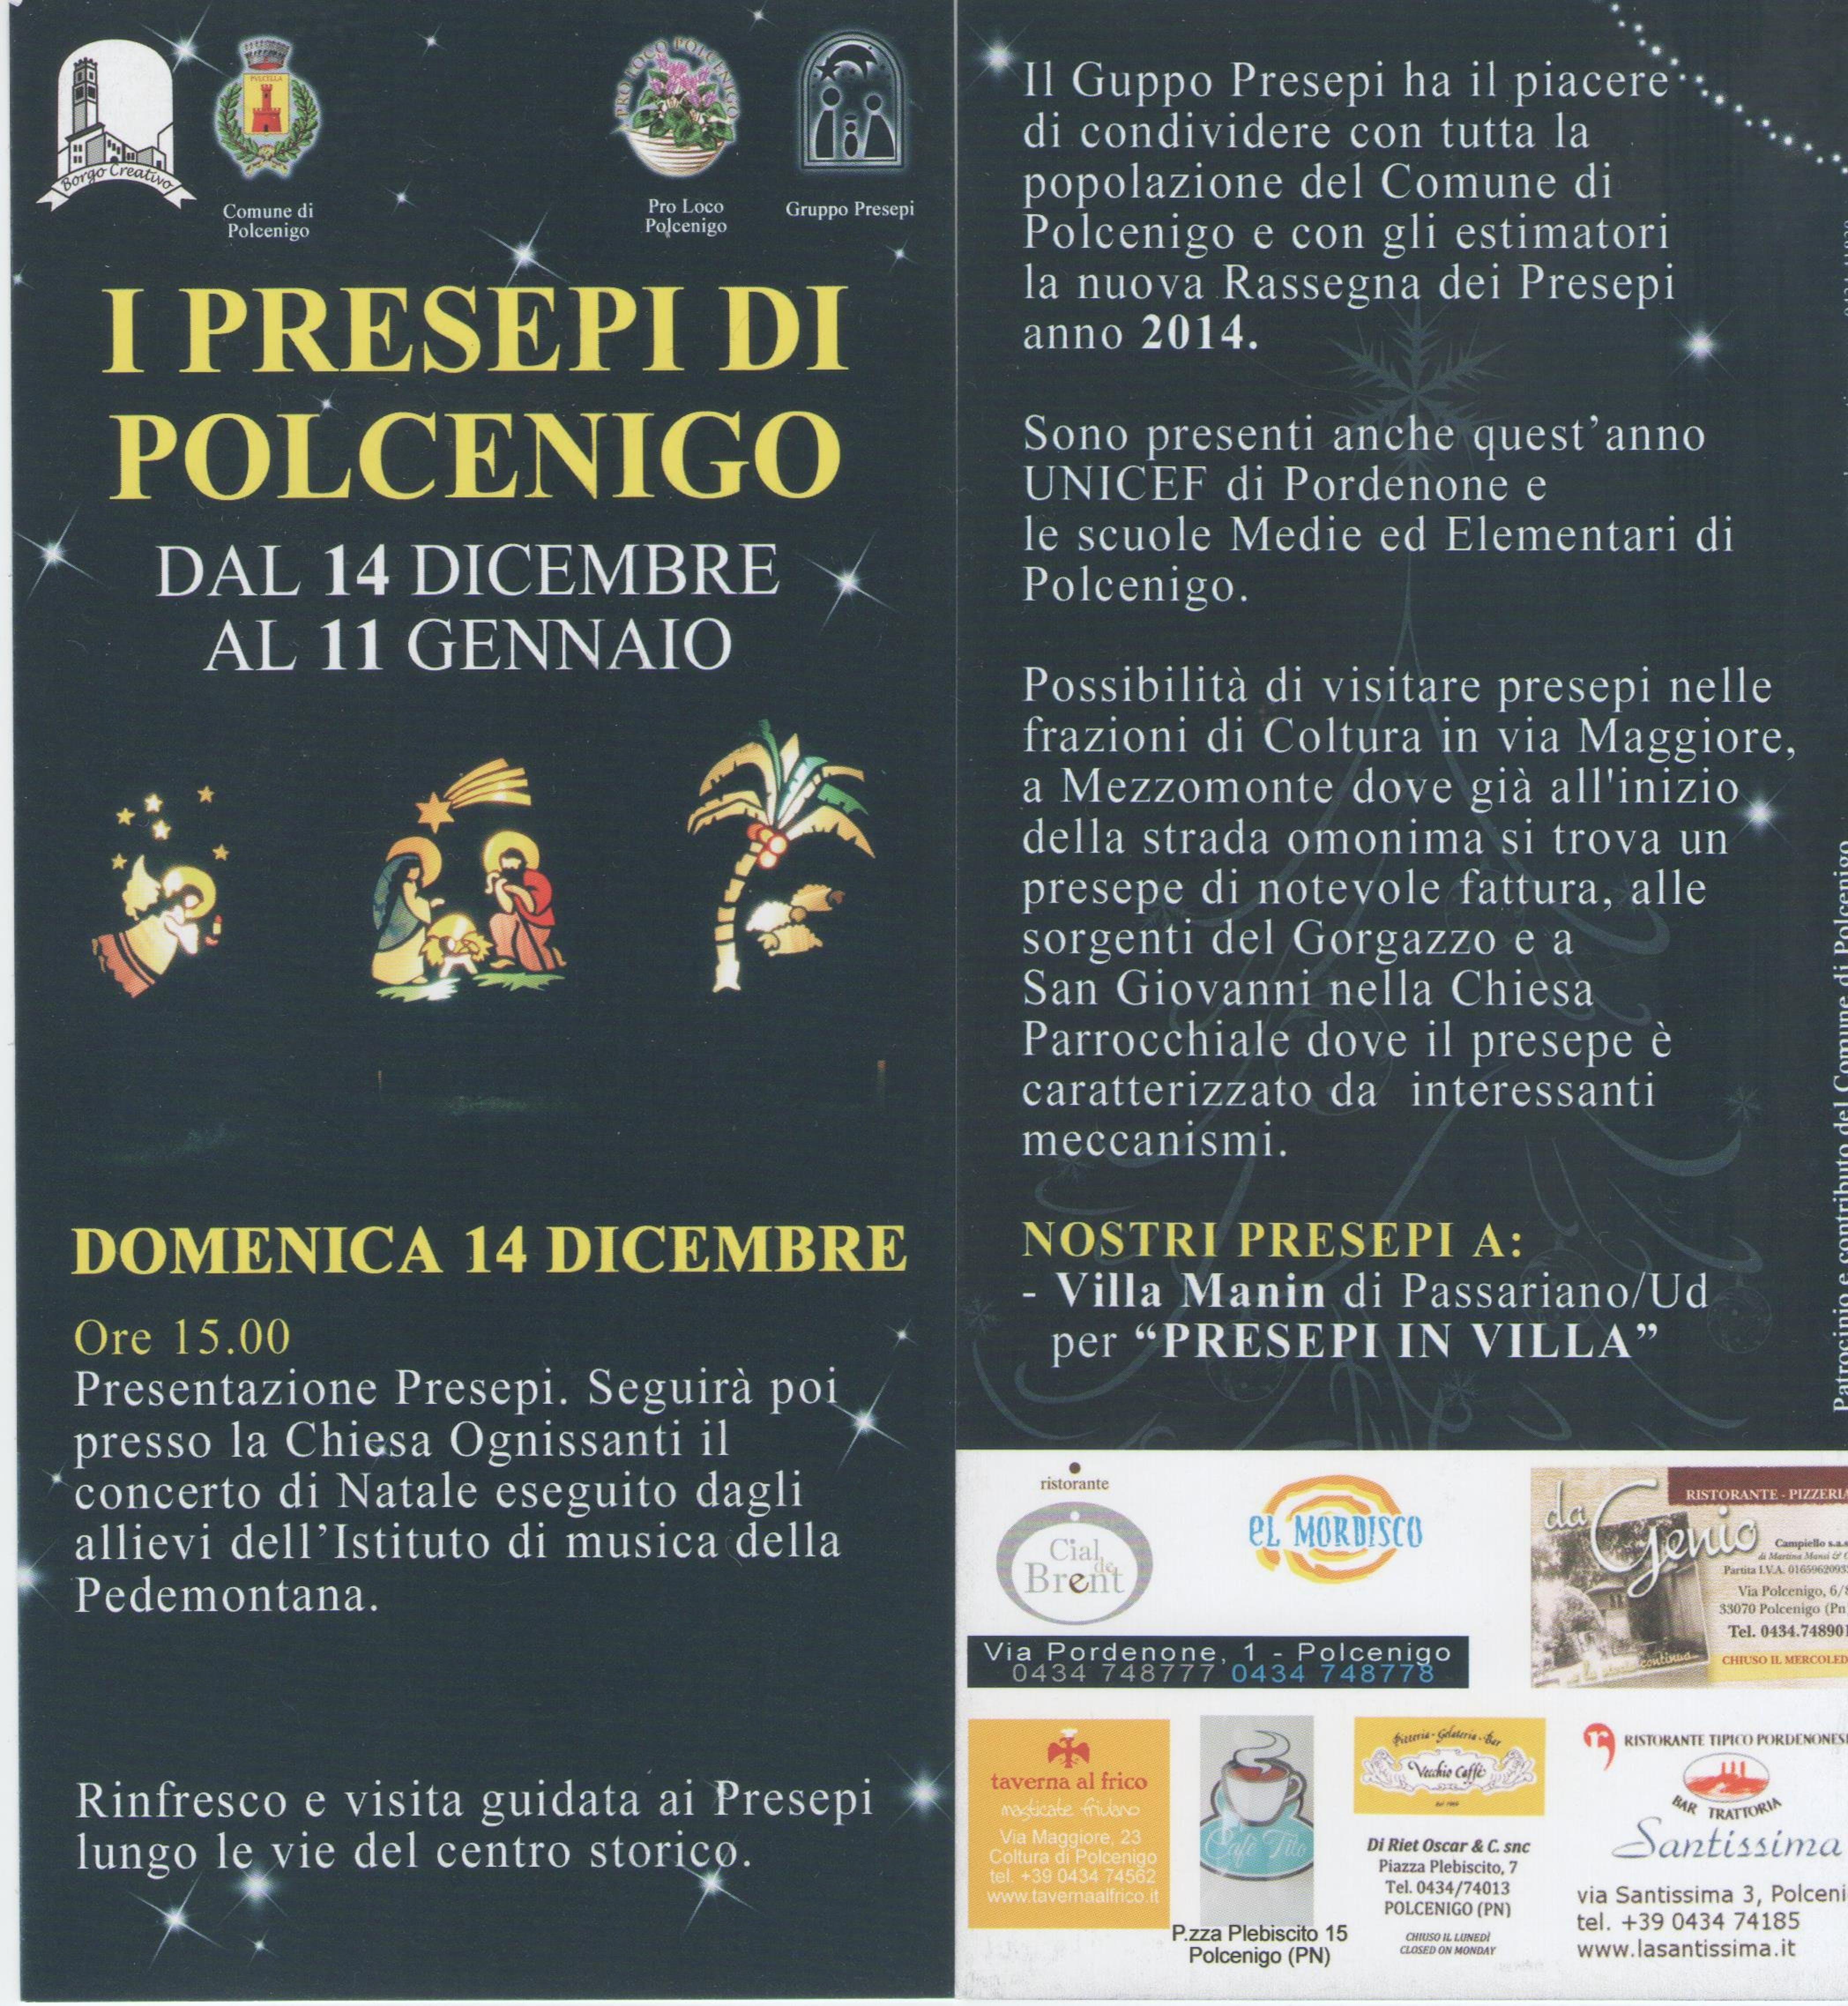 Torna a Polcenigo il presepe delle Pigotte UNICEF